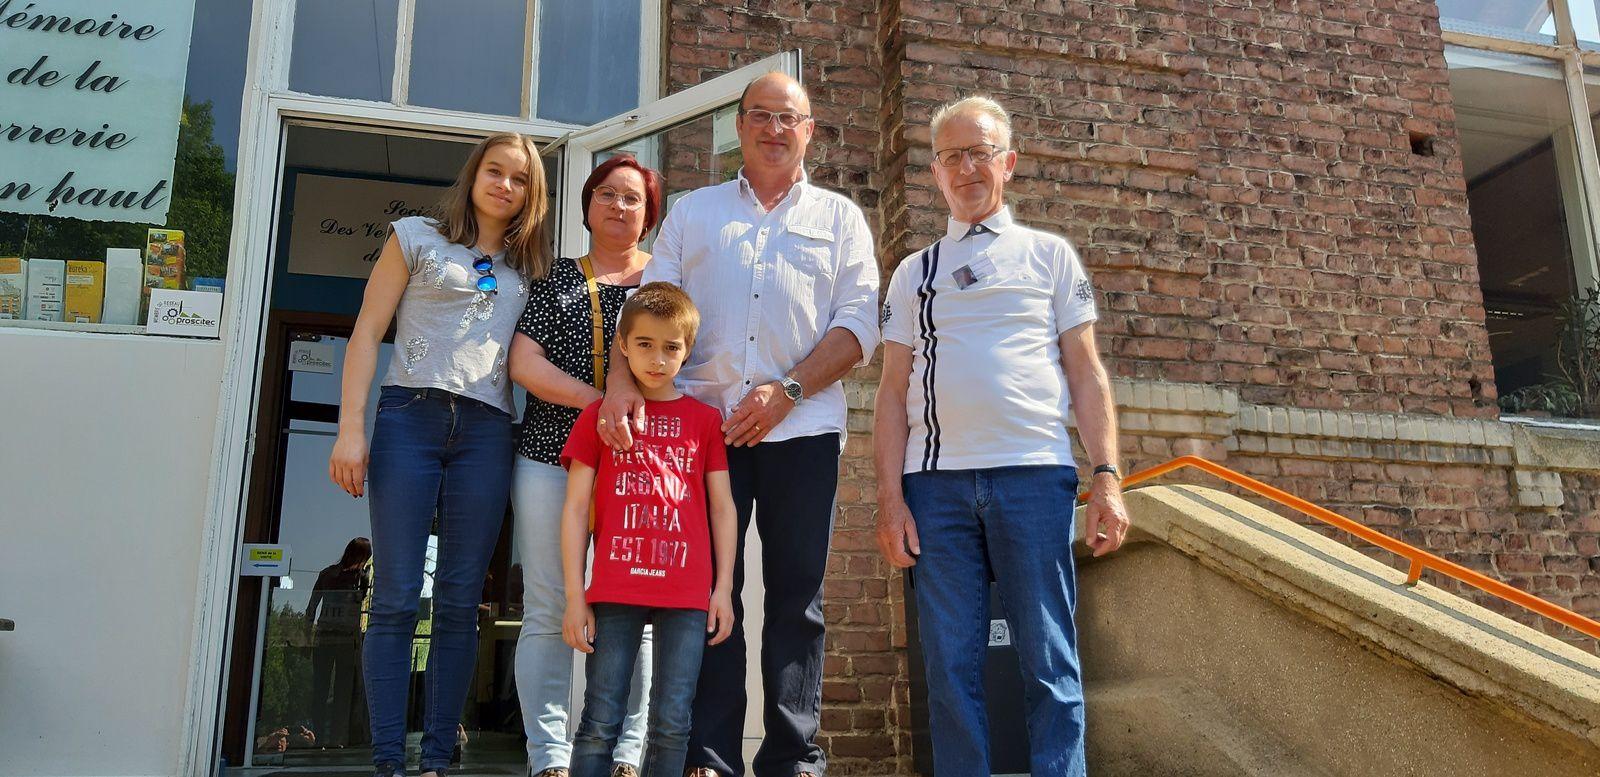 """SUPERBE 2ème journée """"FAMILLES"""" organisée par Francis LAURENT Directeur de Saint-Gobain Glass Usine d'Emerchicourt et ses équipes"""